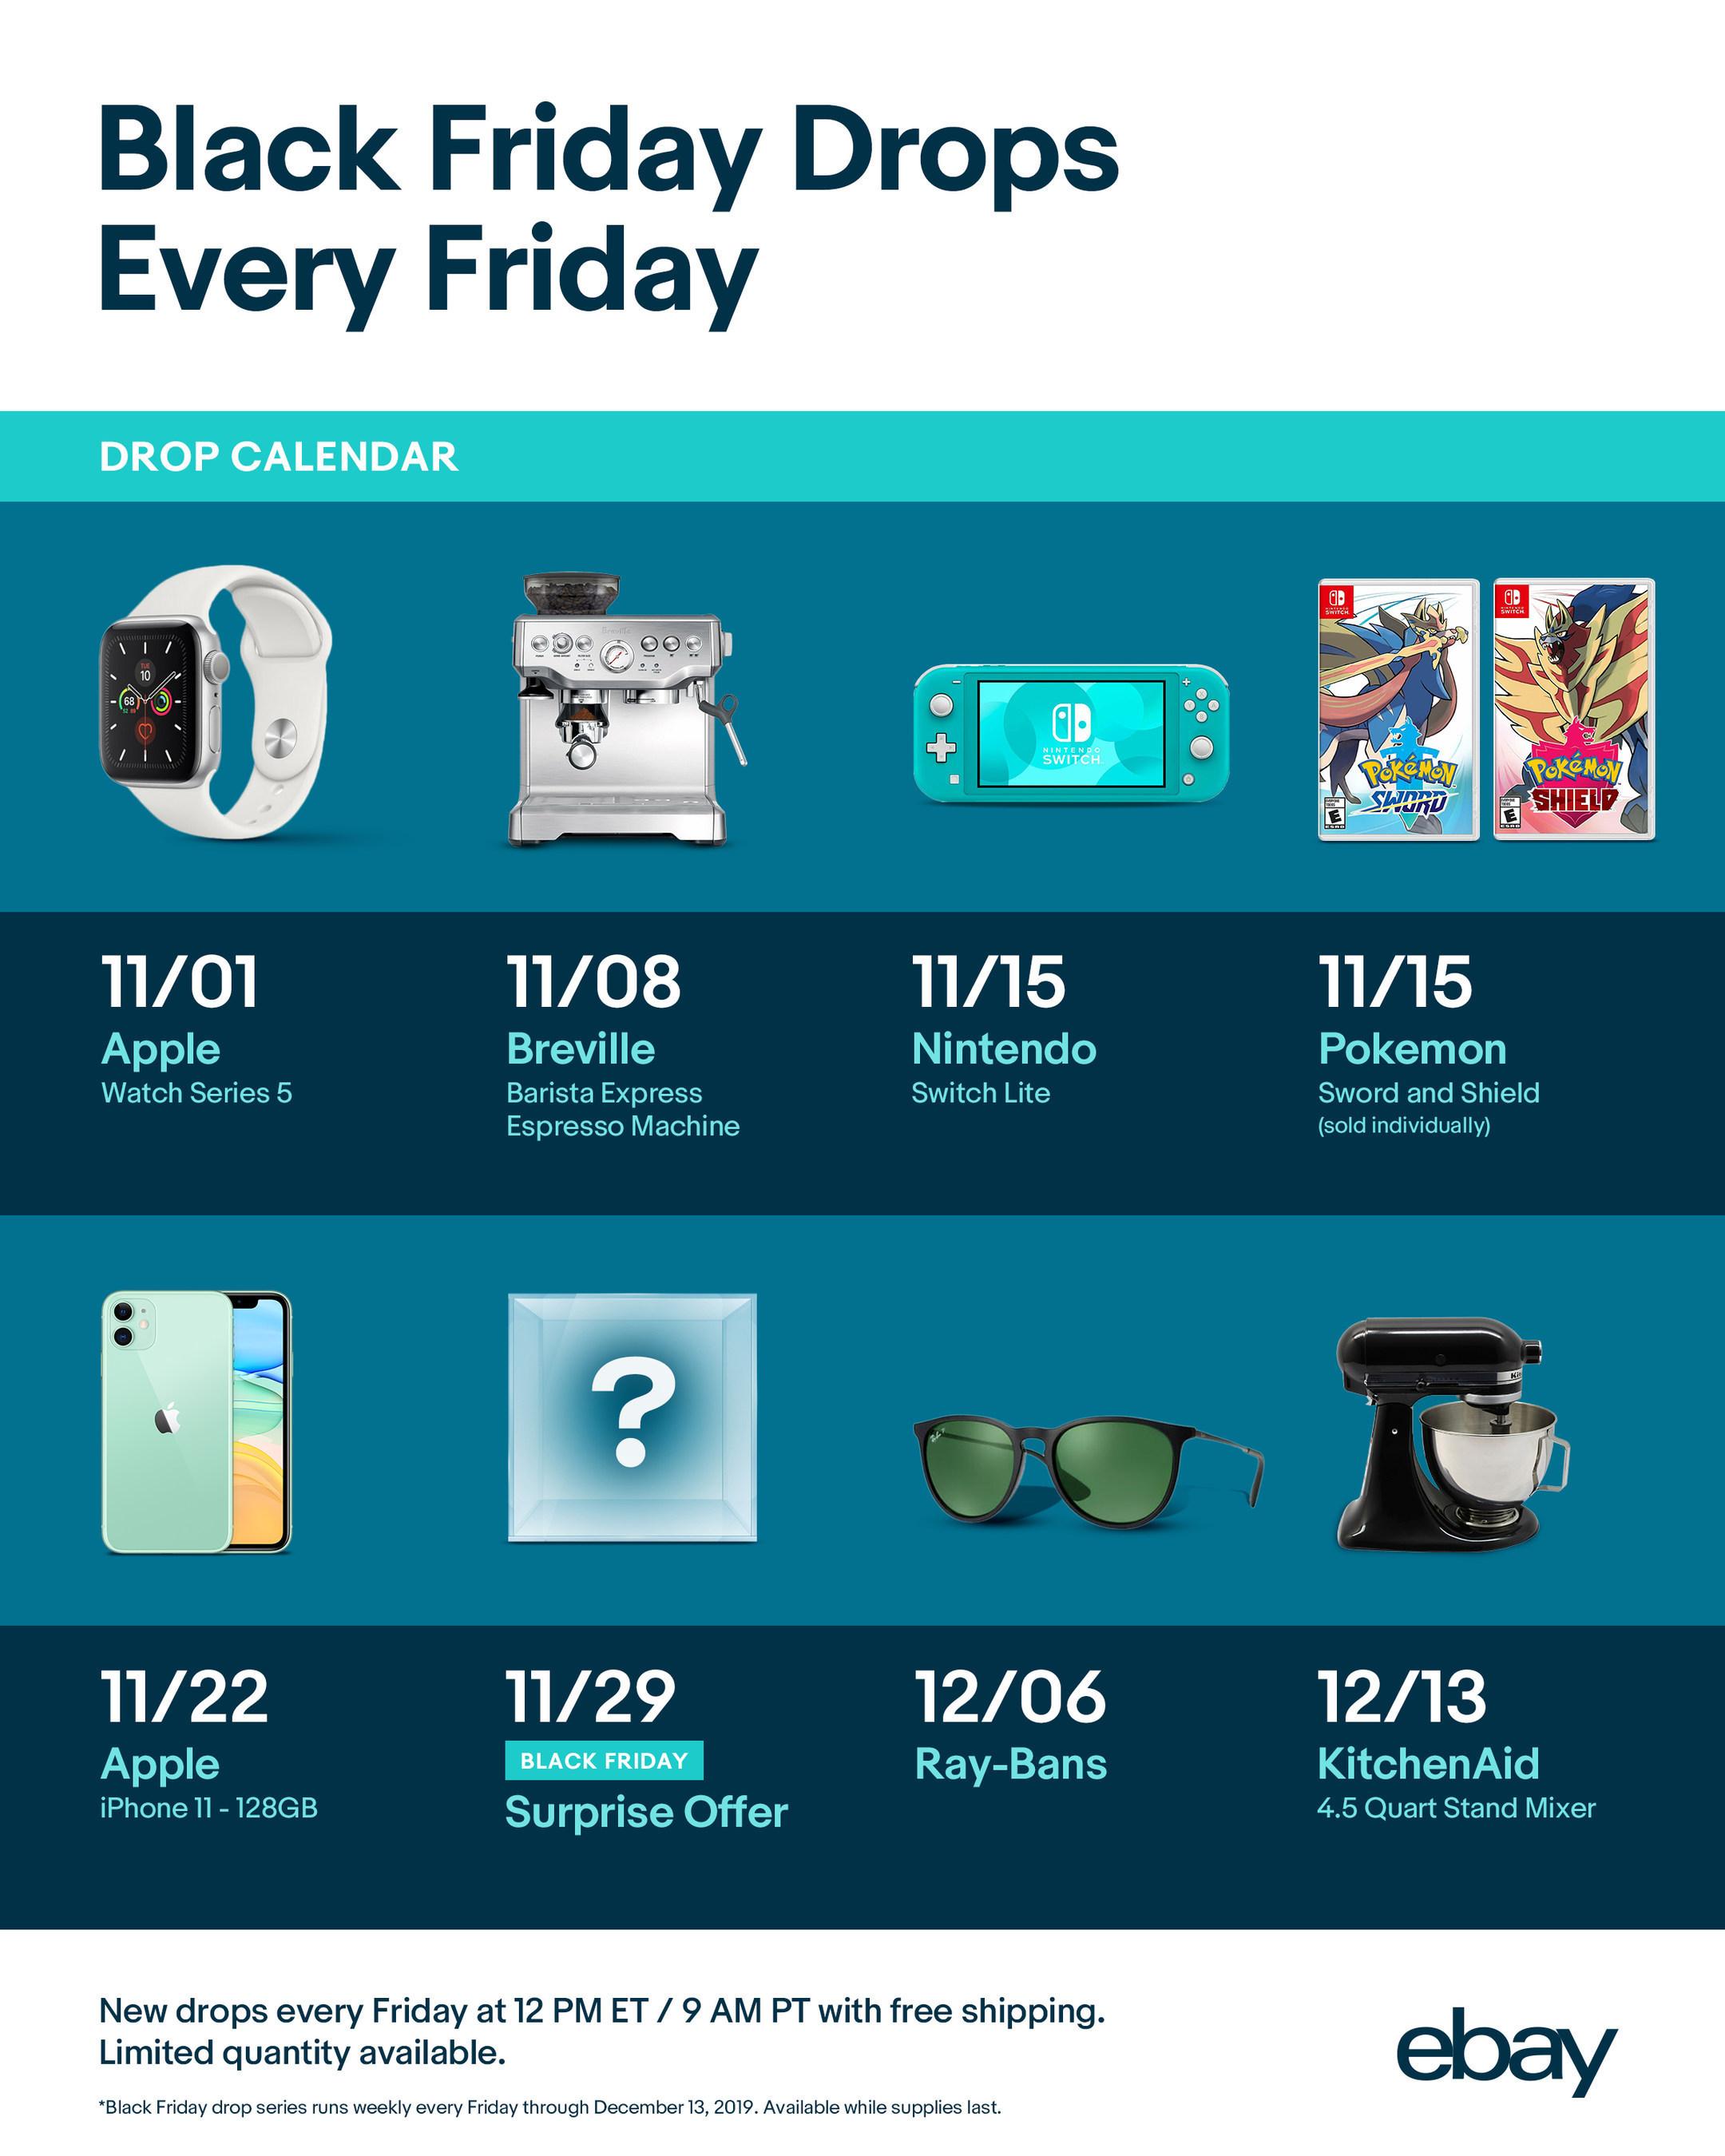 eBay Black Friday Ads